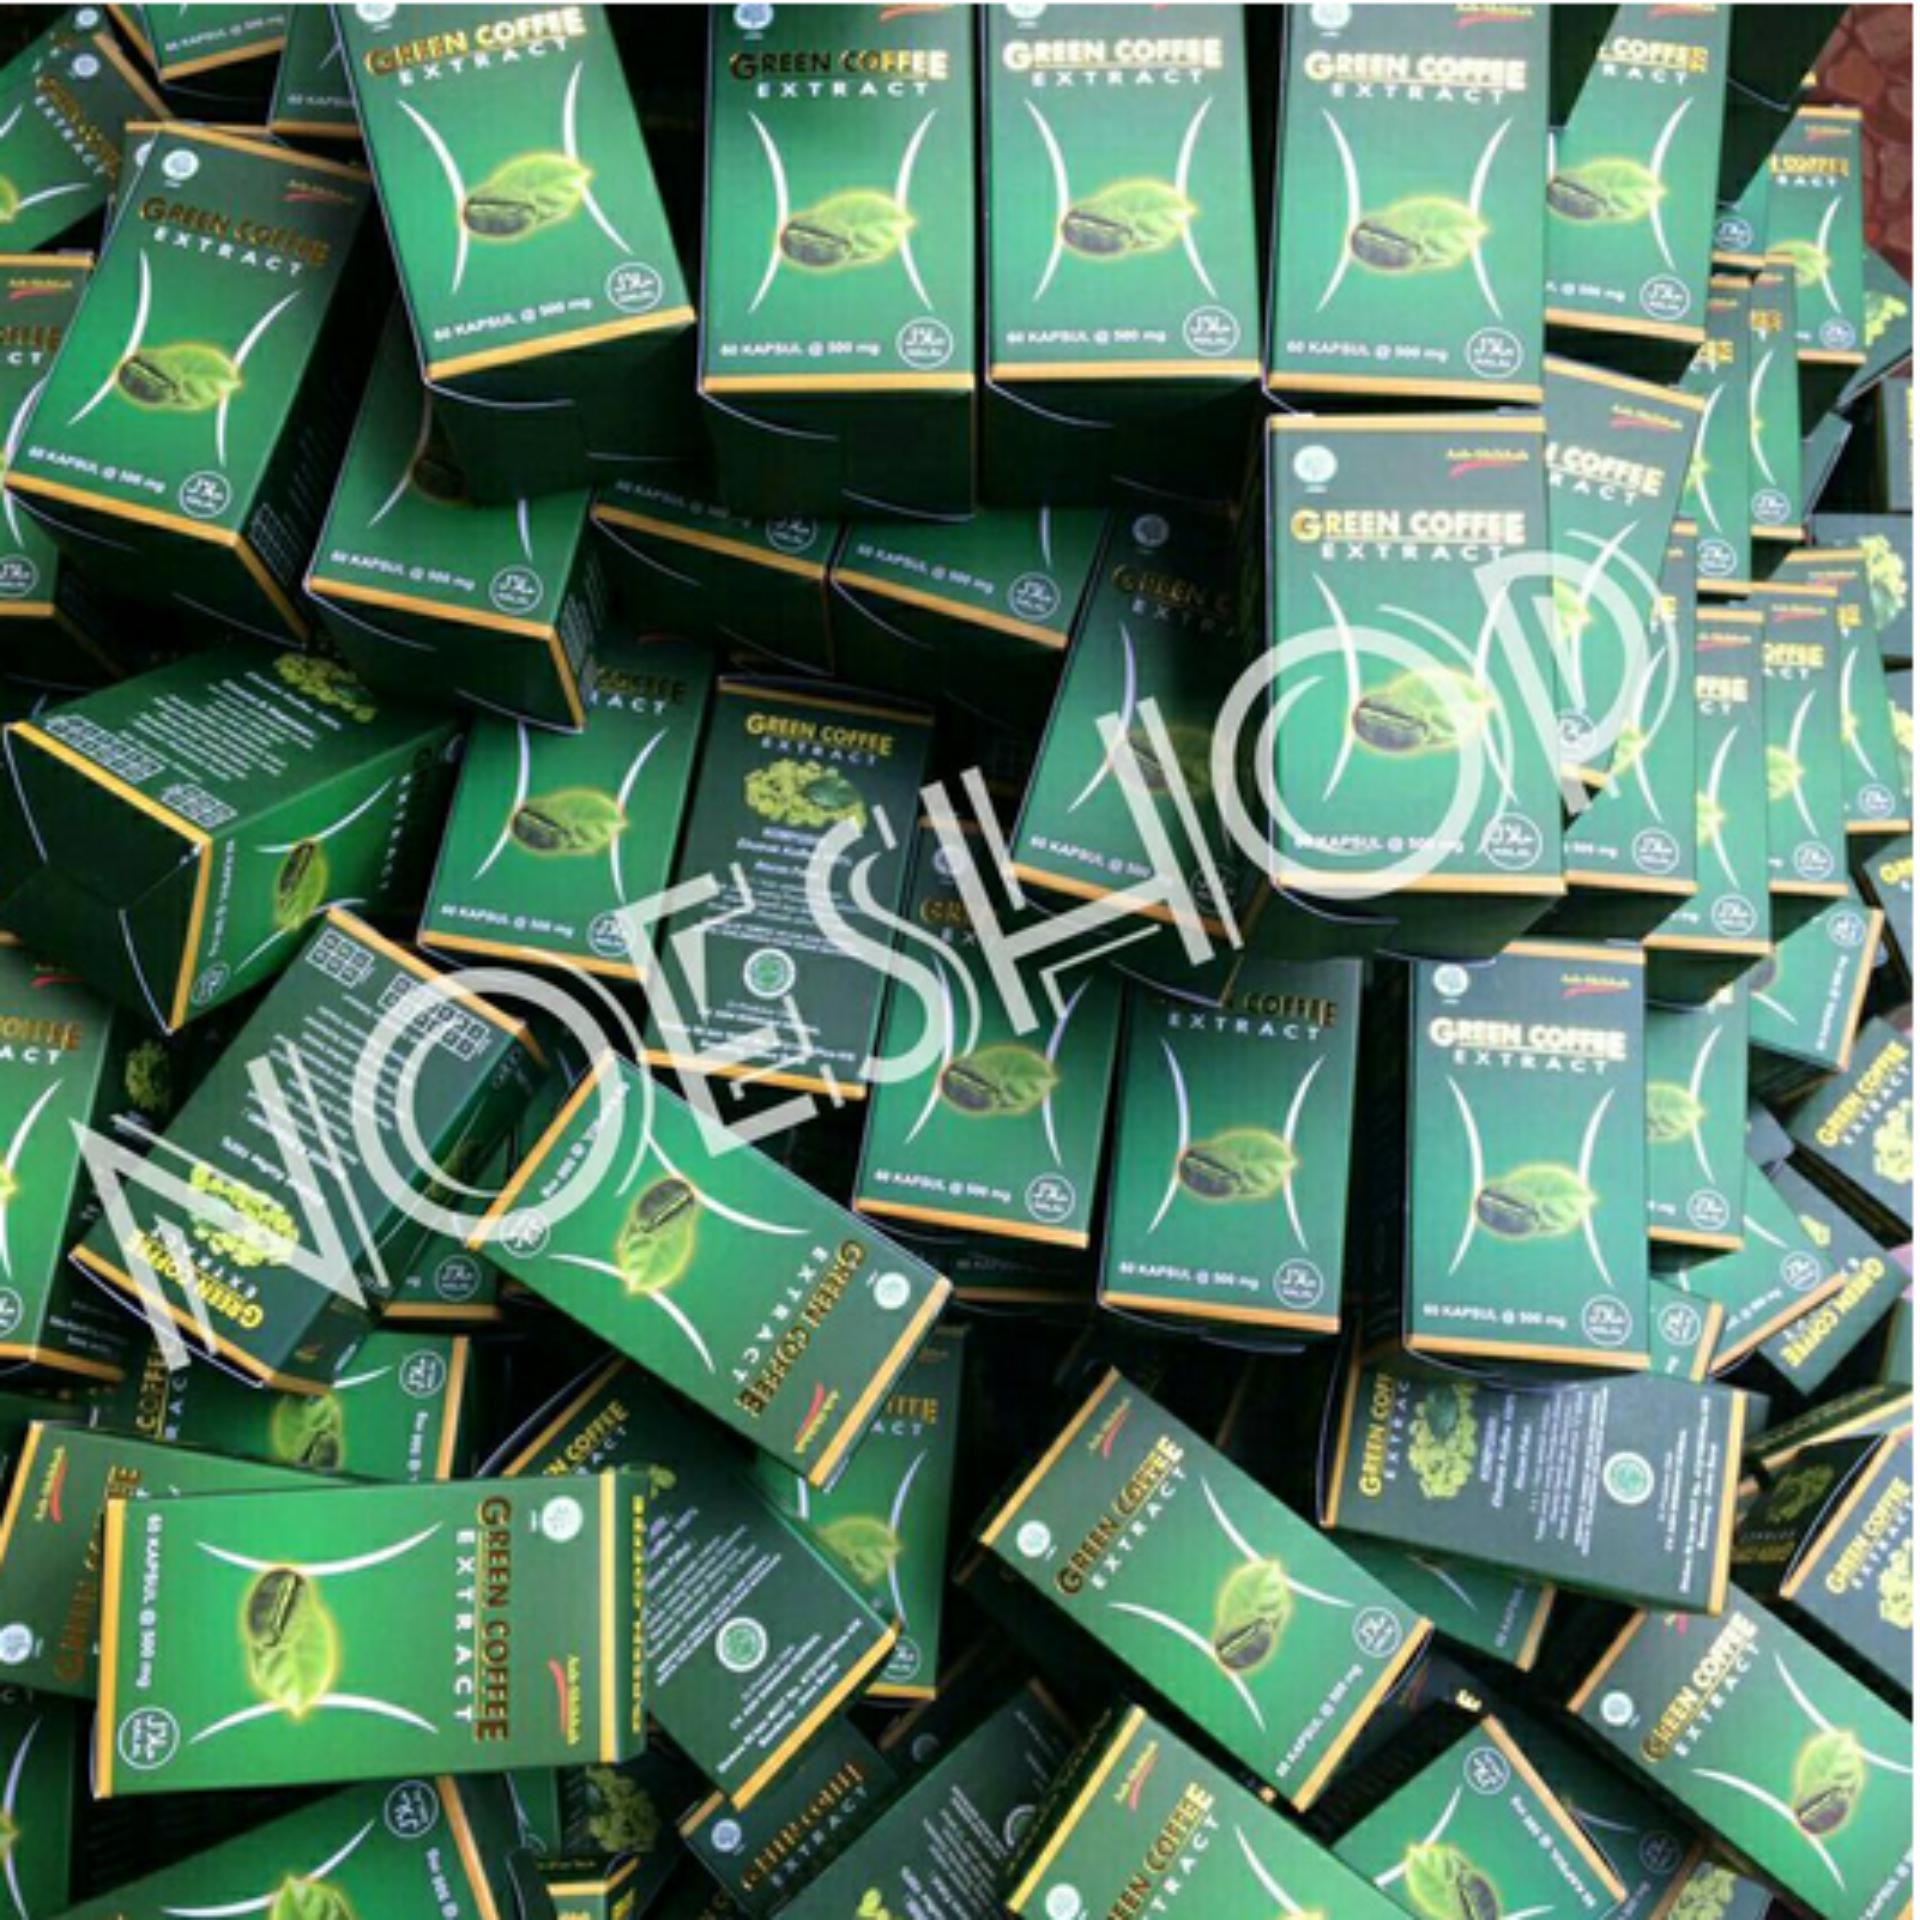 Harga Baru Kapsul Kopi Hijau Green Coffee Obat Pelangsing Alami Diet Bean Herbal